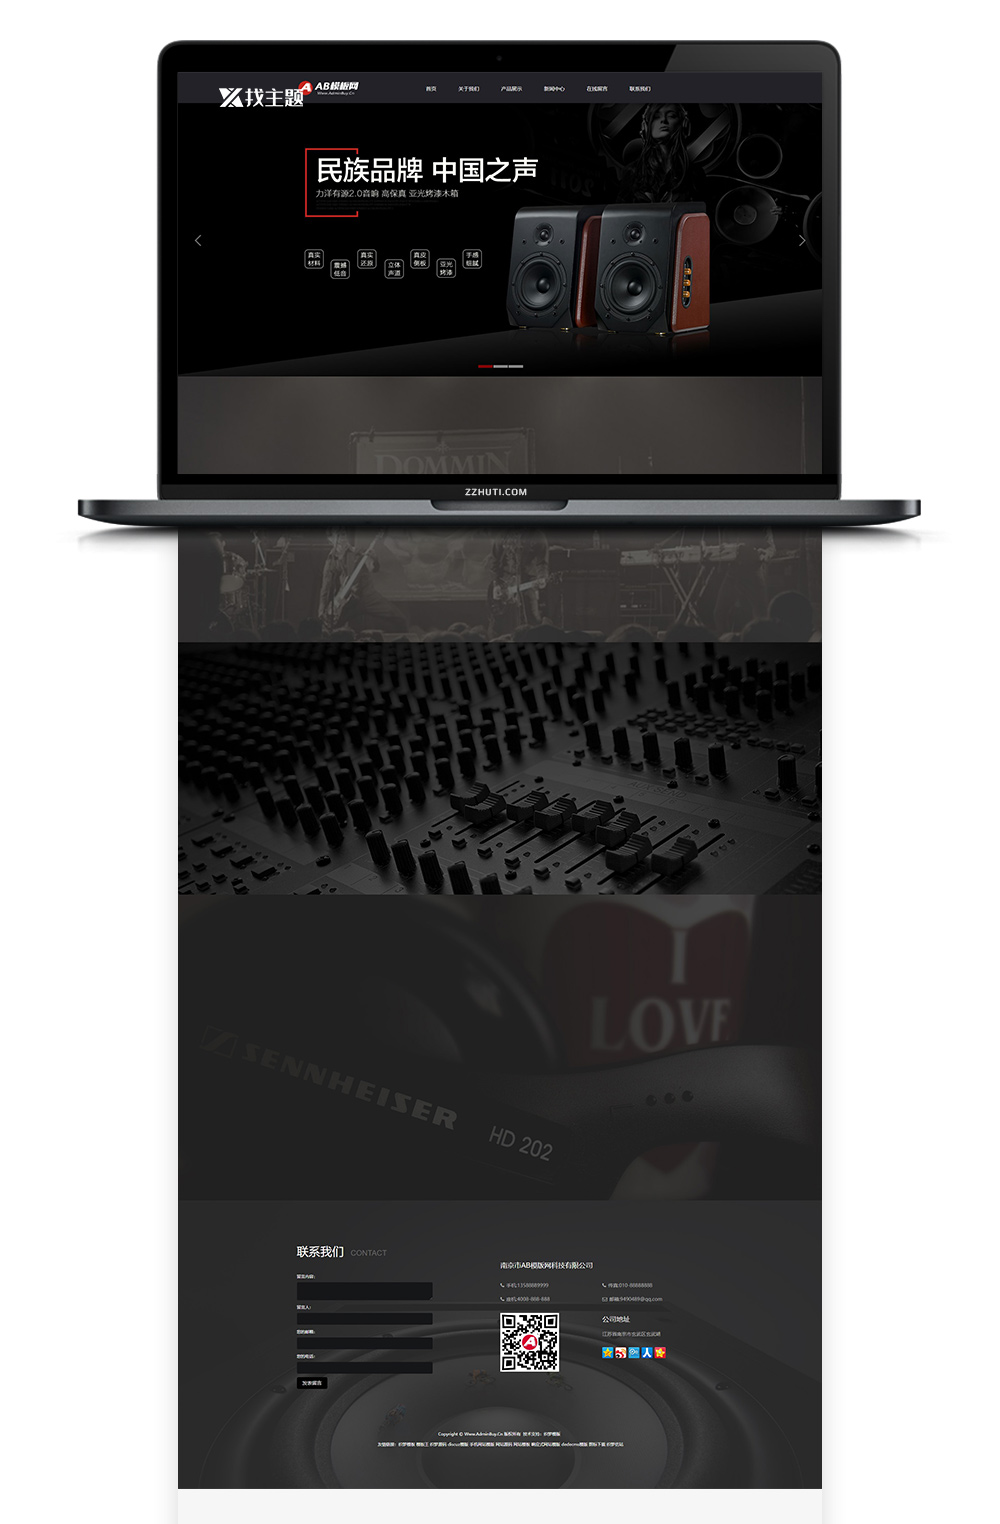 【电子产品】织梦黑色模板音响设备网站源码 带手机版数据同步-找主题源码